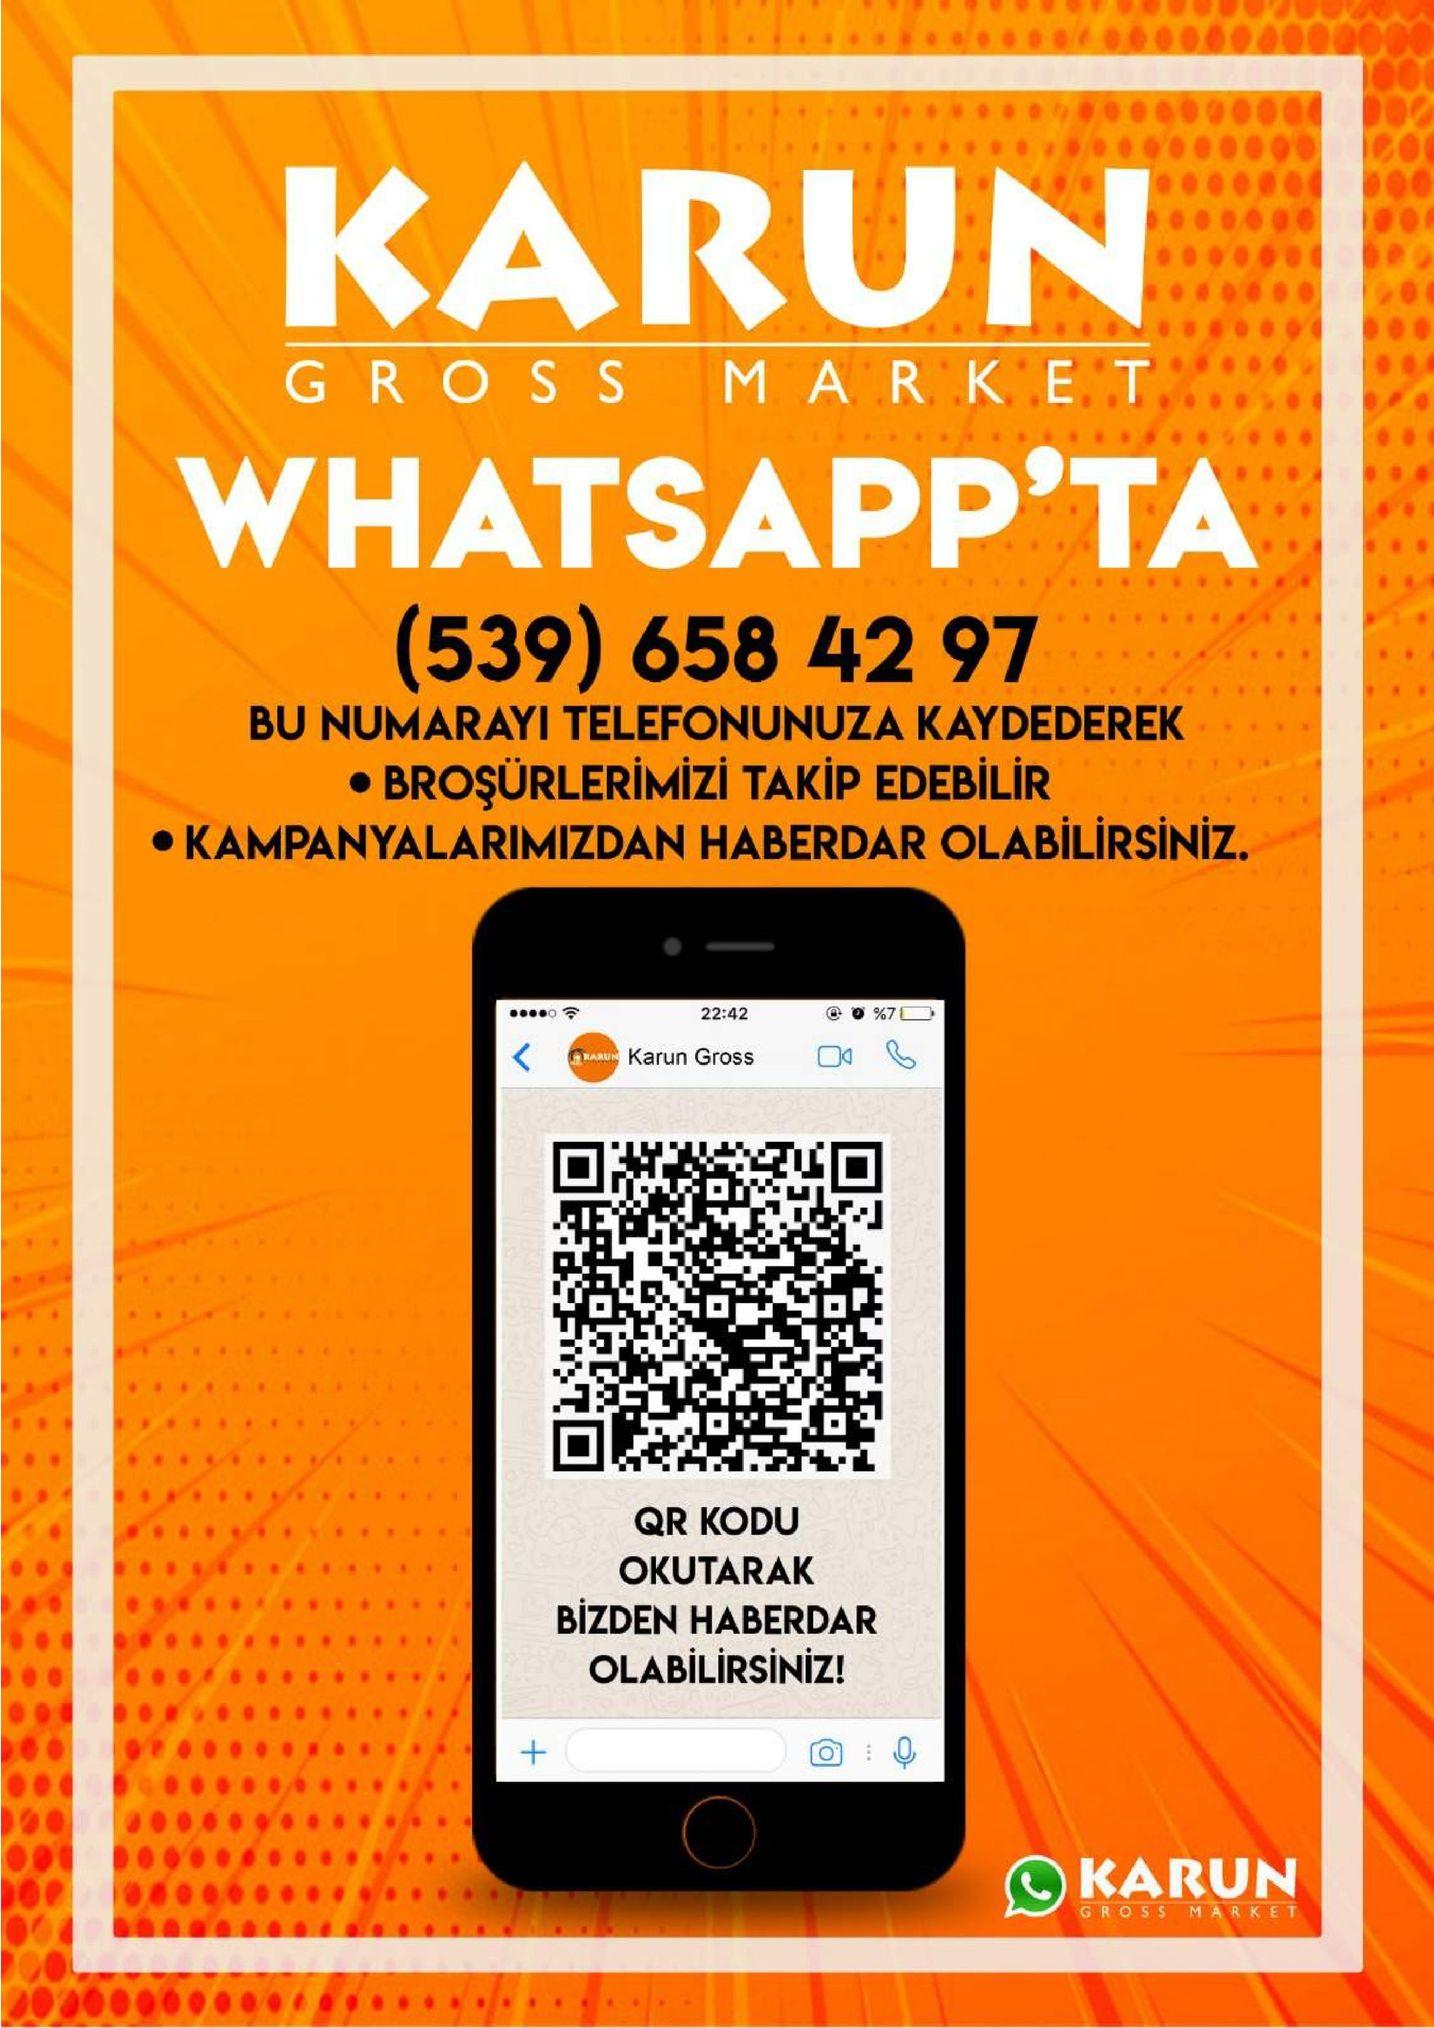 karun gross mark et whatsapp'ta (539) 658 42 97 bu numarayi telefonunuza kaydederek broşürlerimizi takip edebilir kampanyalarimizdan haberdar olabilirsiniz. 22:42 karun gross karun qr kodu okutarak bizden haberdar olabilirsiniz! karun gross market +